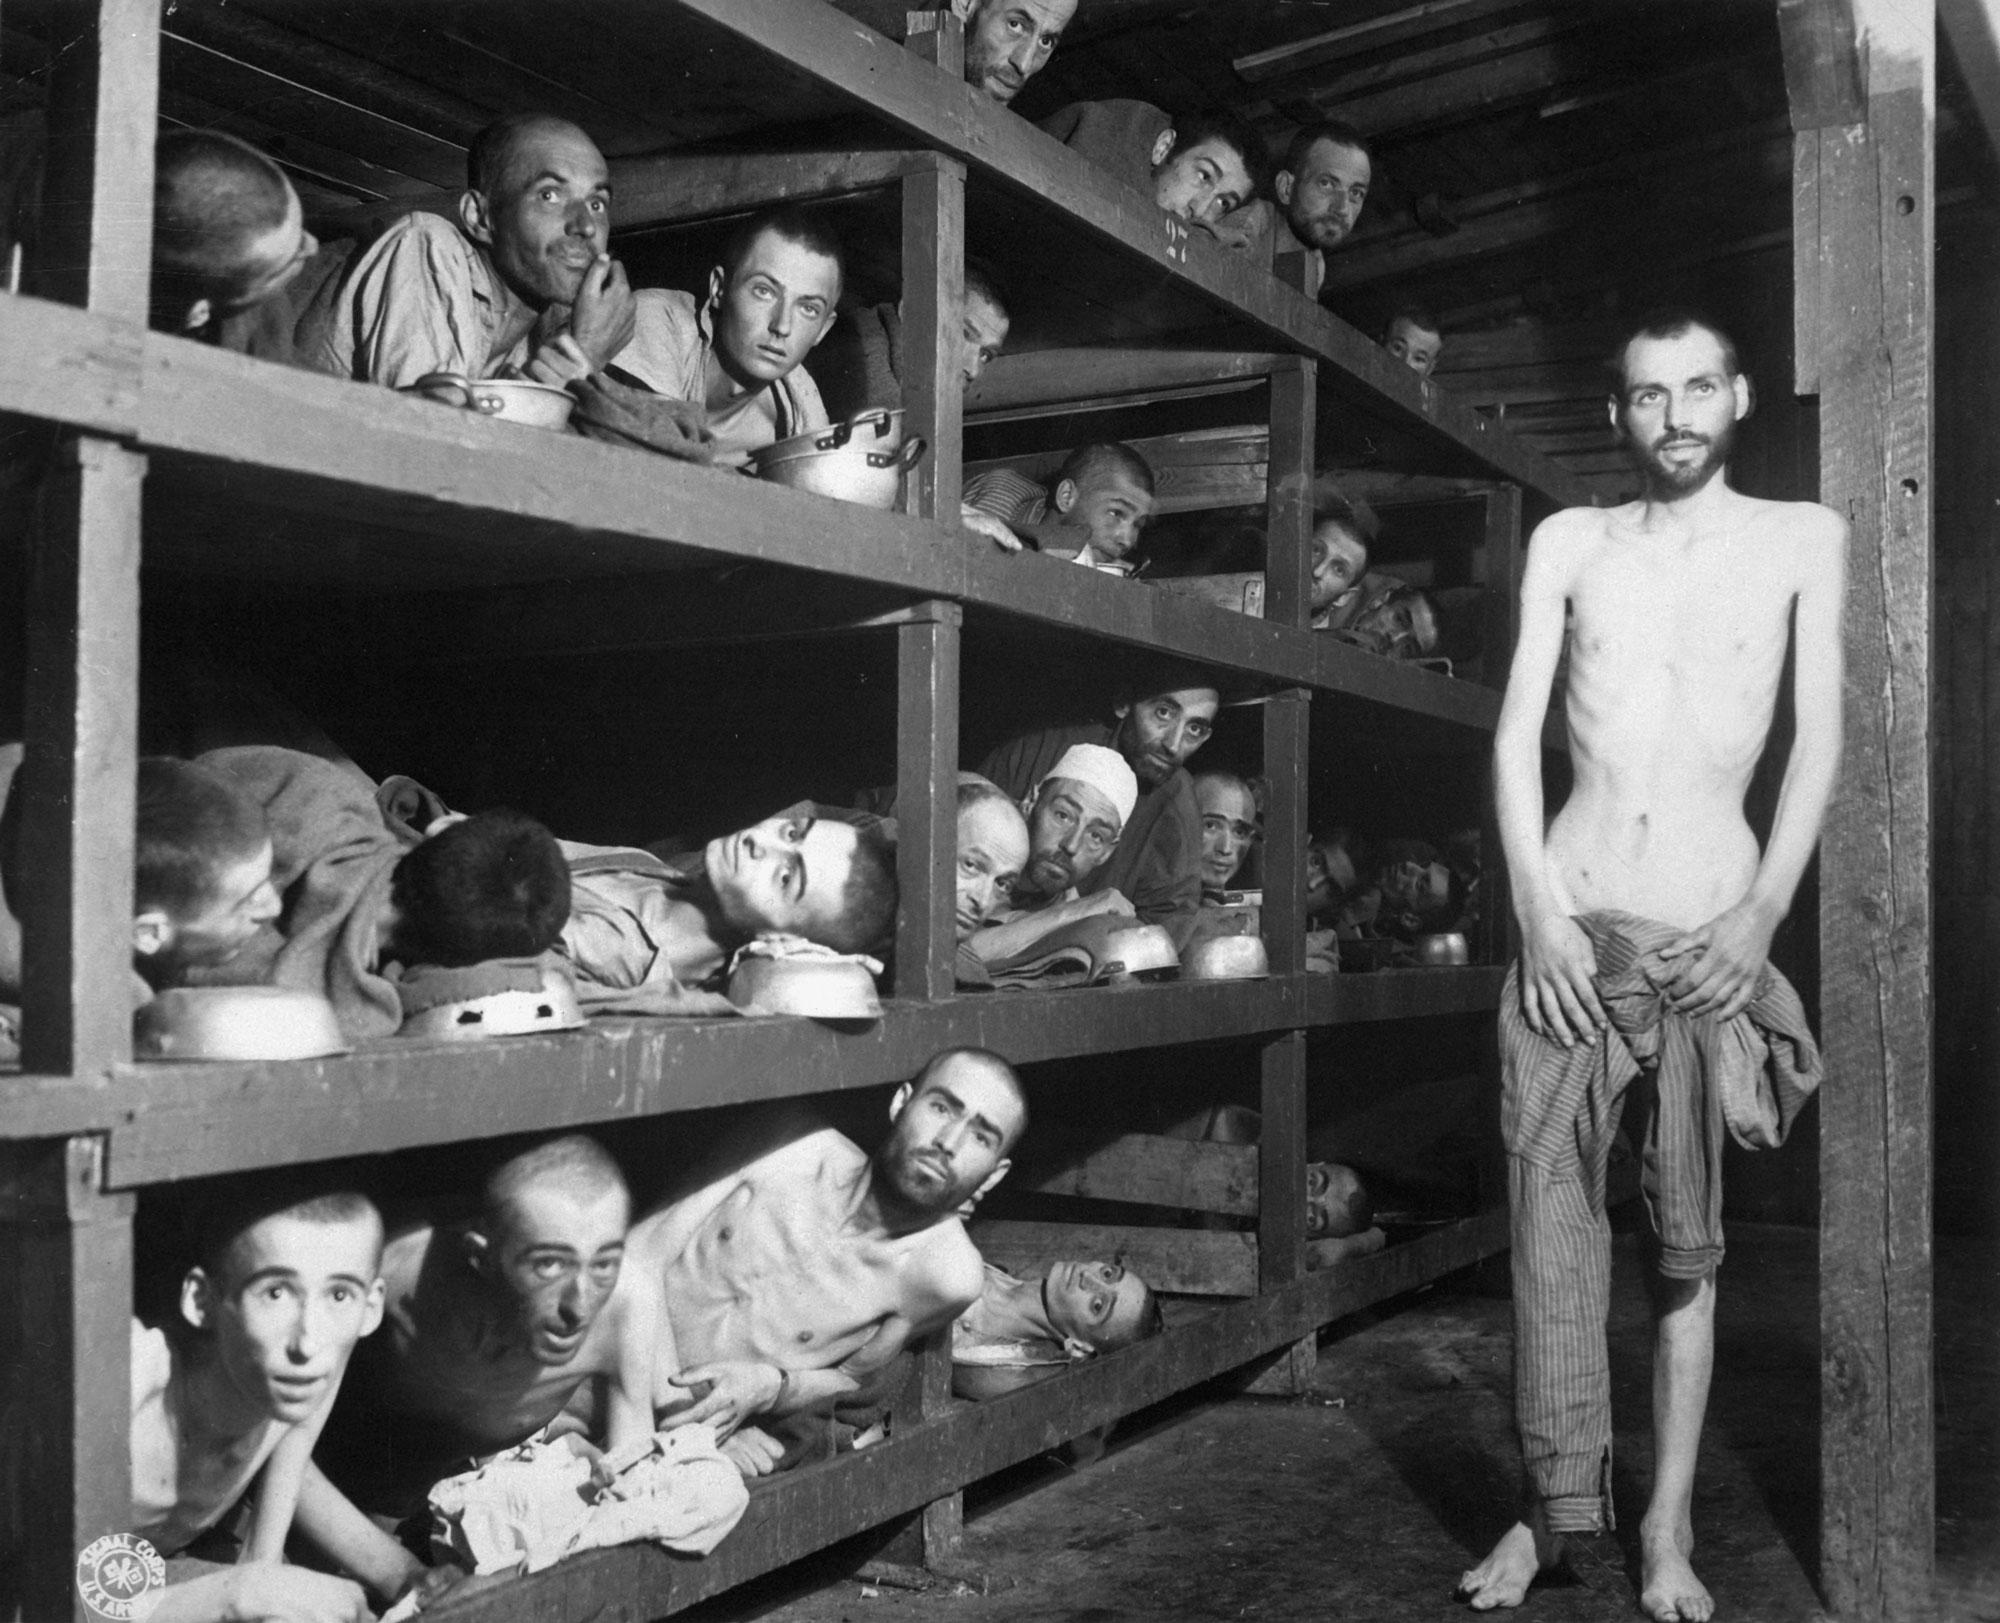 Häftlinge im KZ Buchenwald, fotografiert von einem Soldaten der U.S. Army bei der Befreiung des Lagers am 16. April 1945.